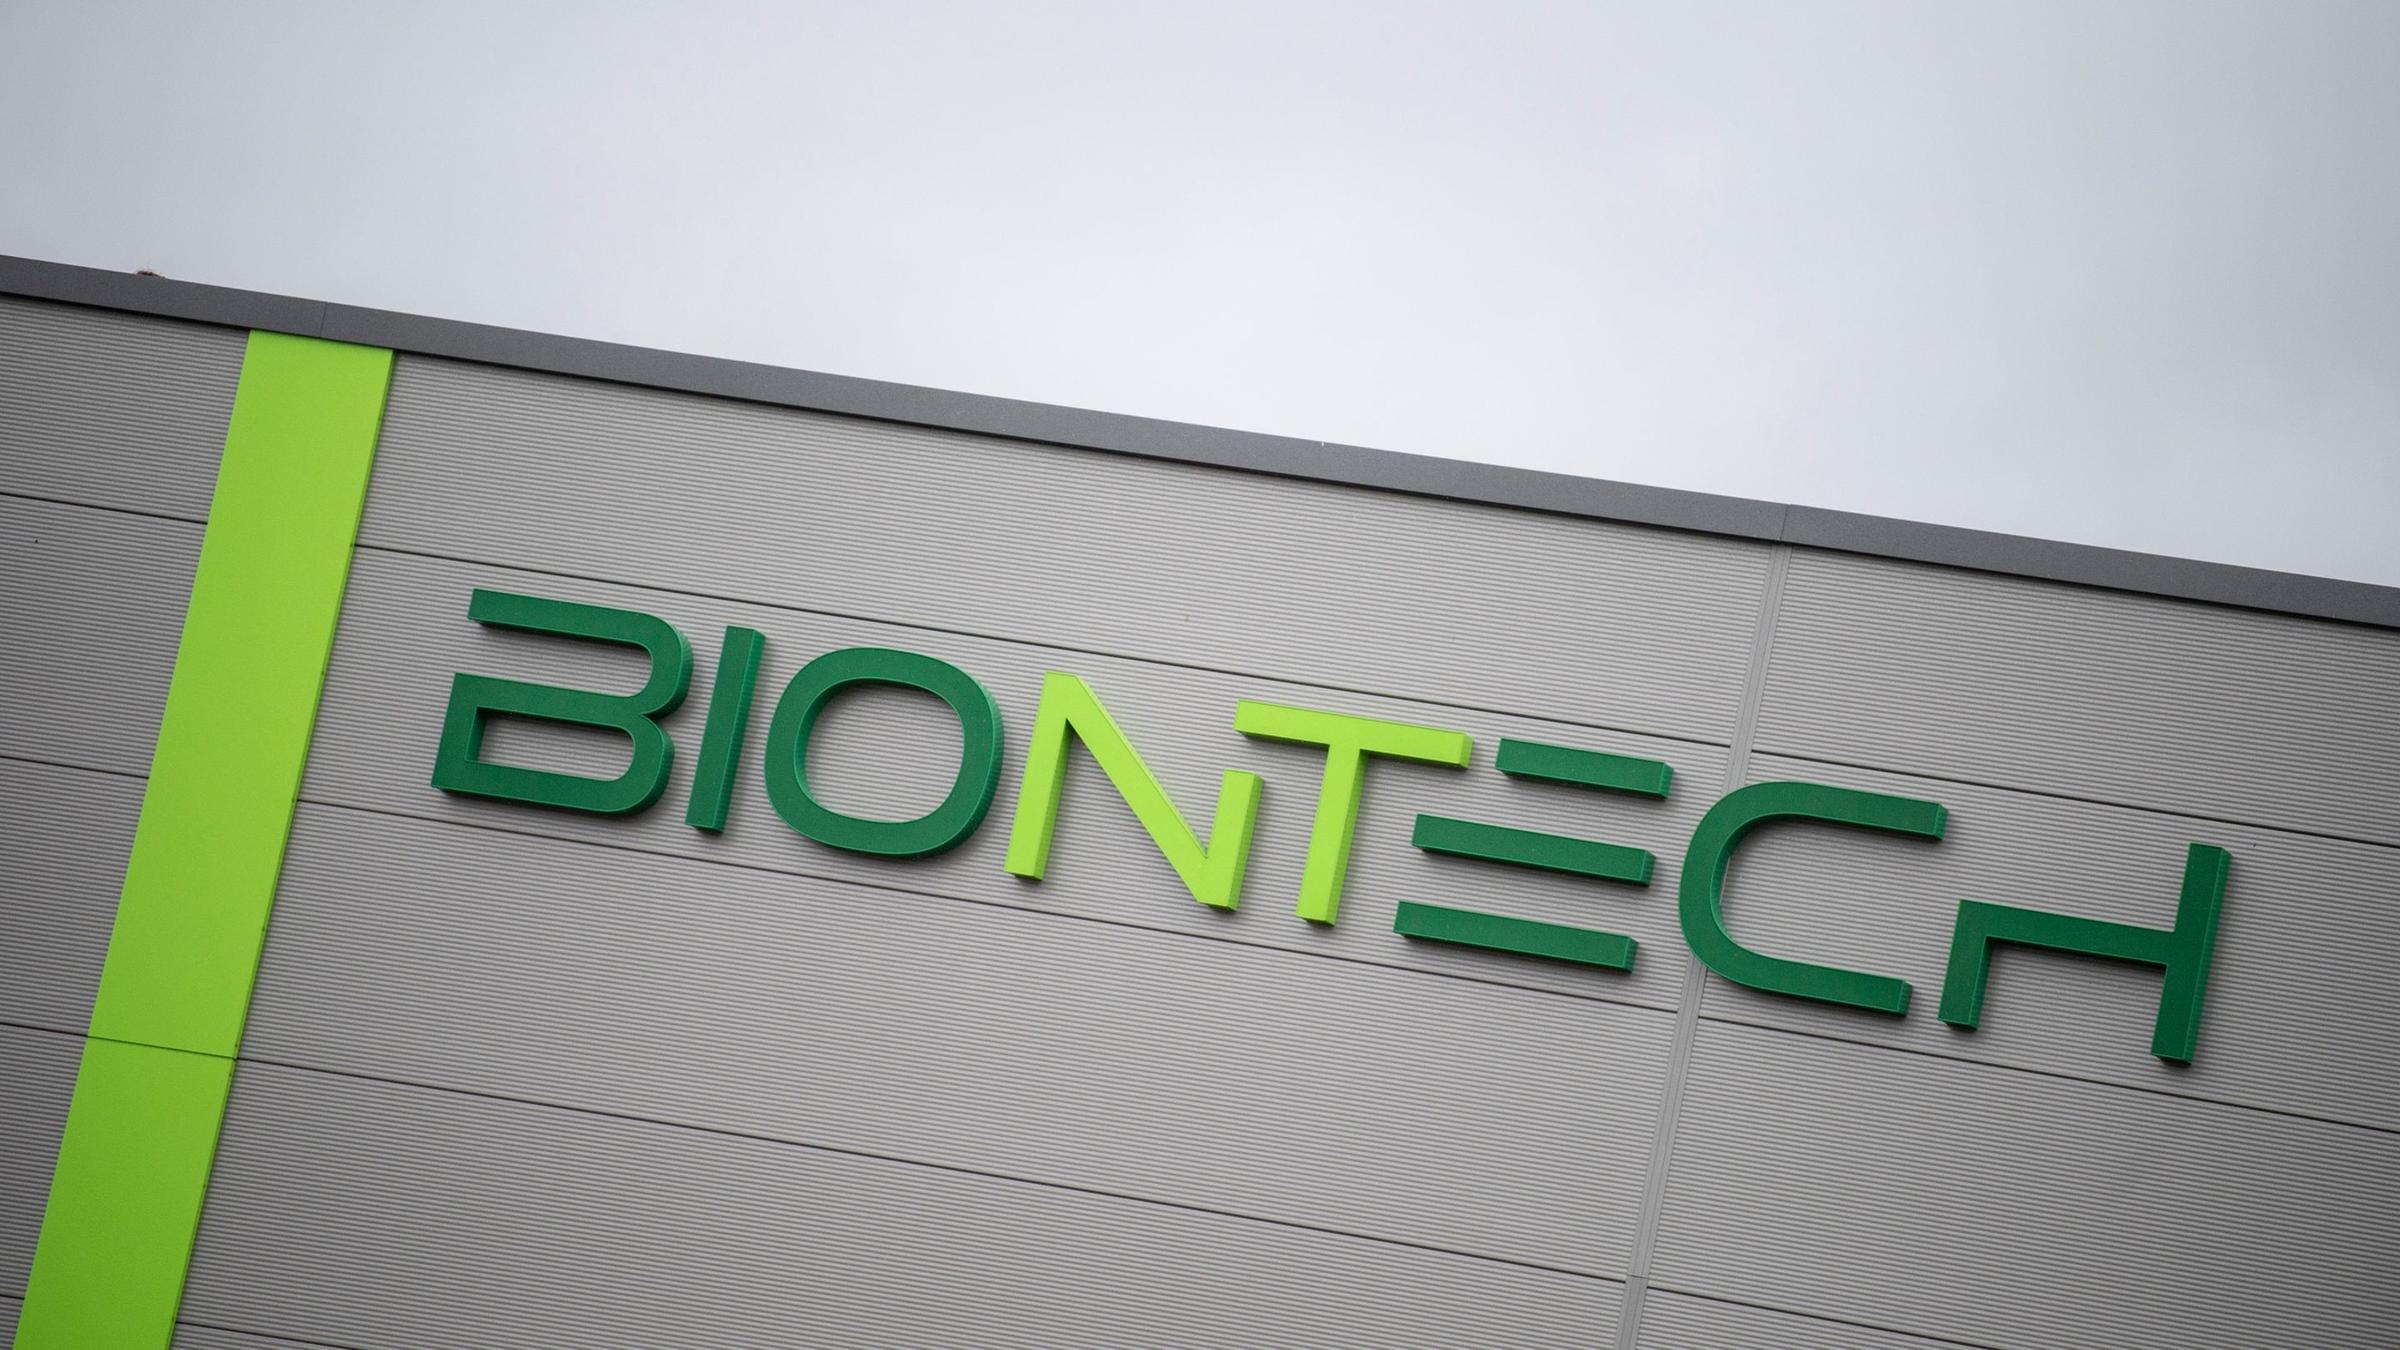 Jugendliche: Biontech meldet hundertprozentige Wirksamkeit - ZDFheute